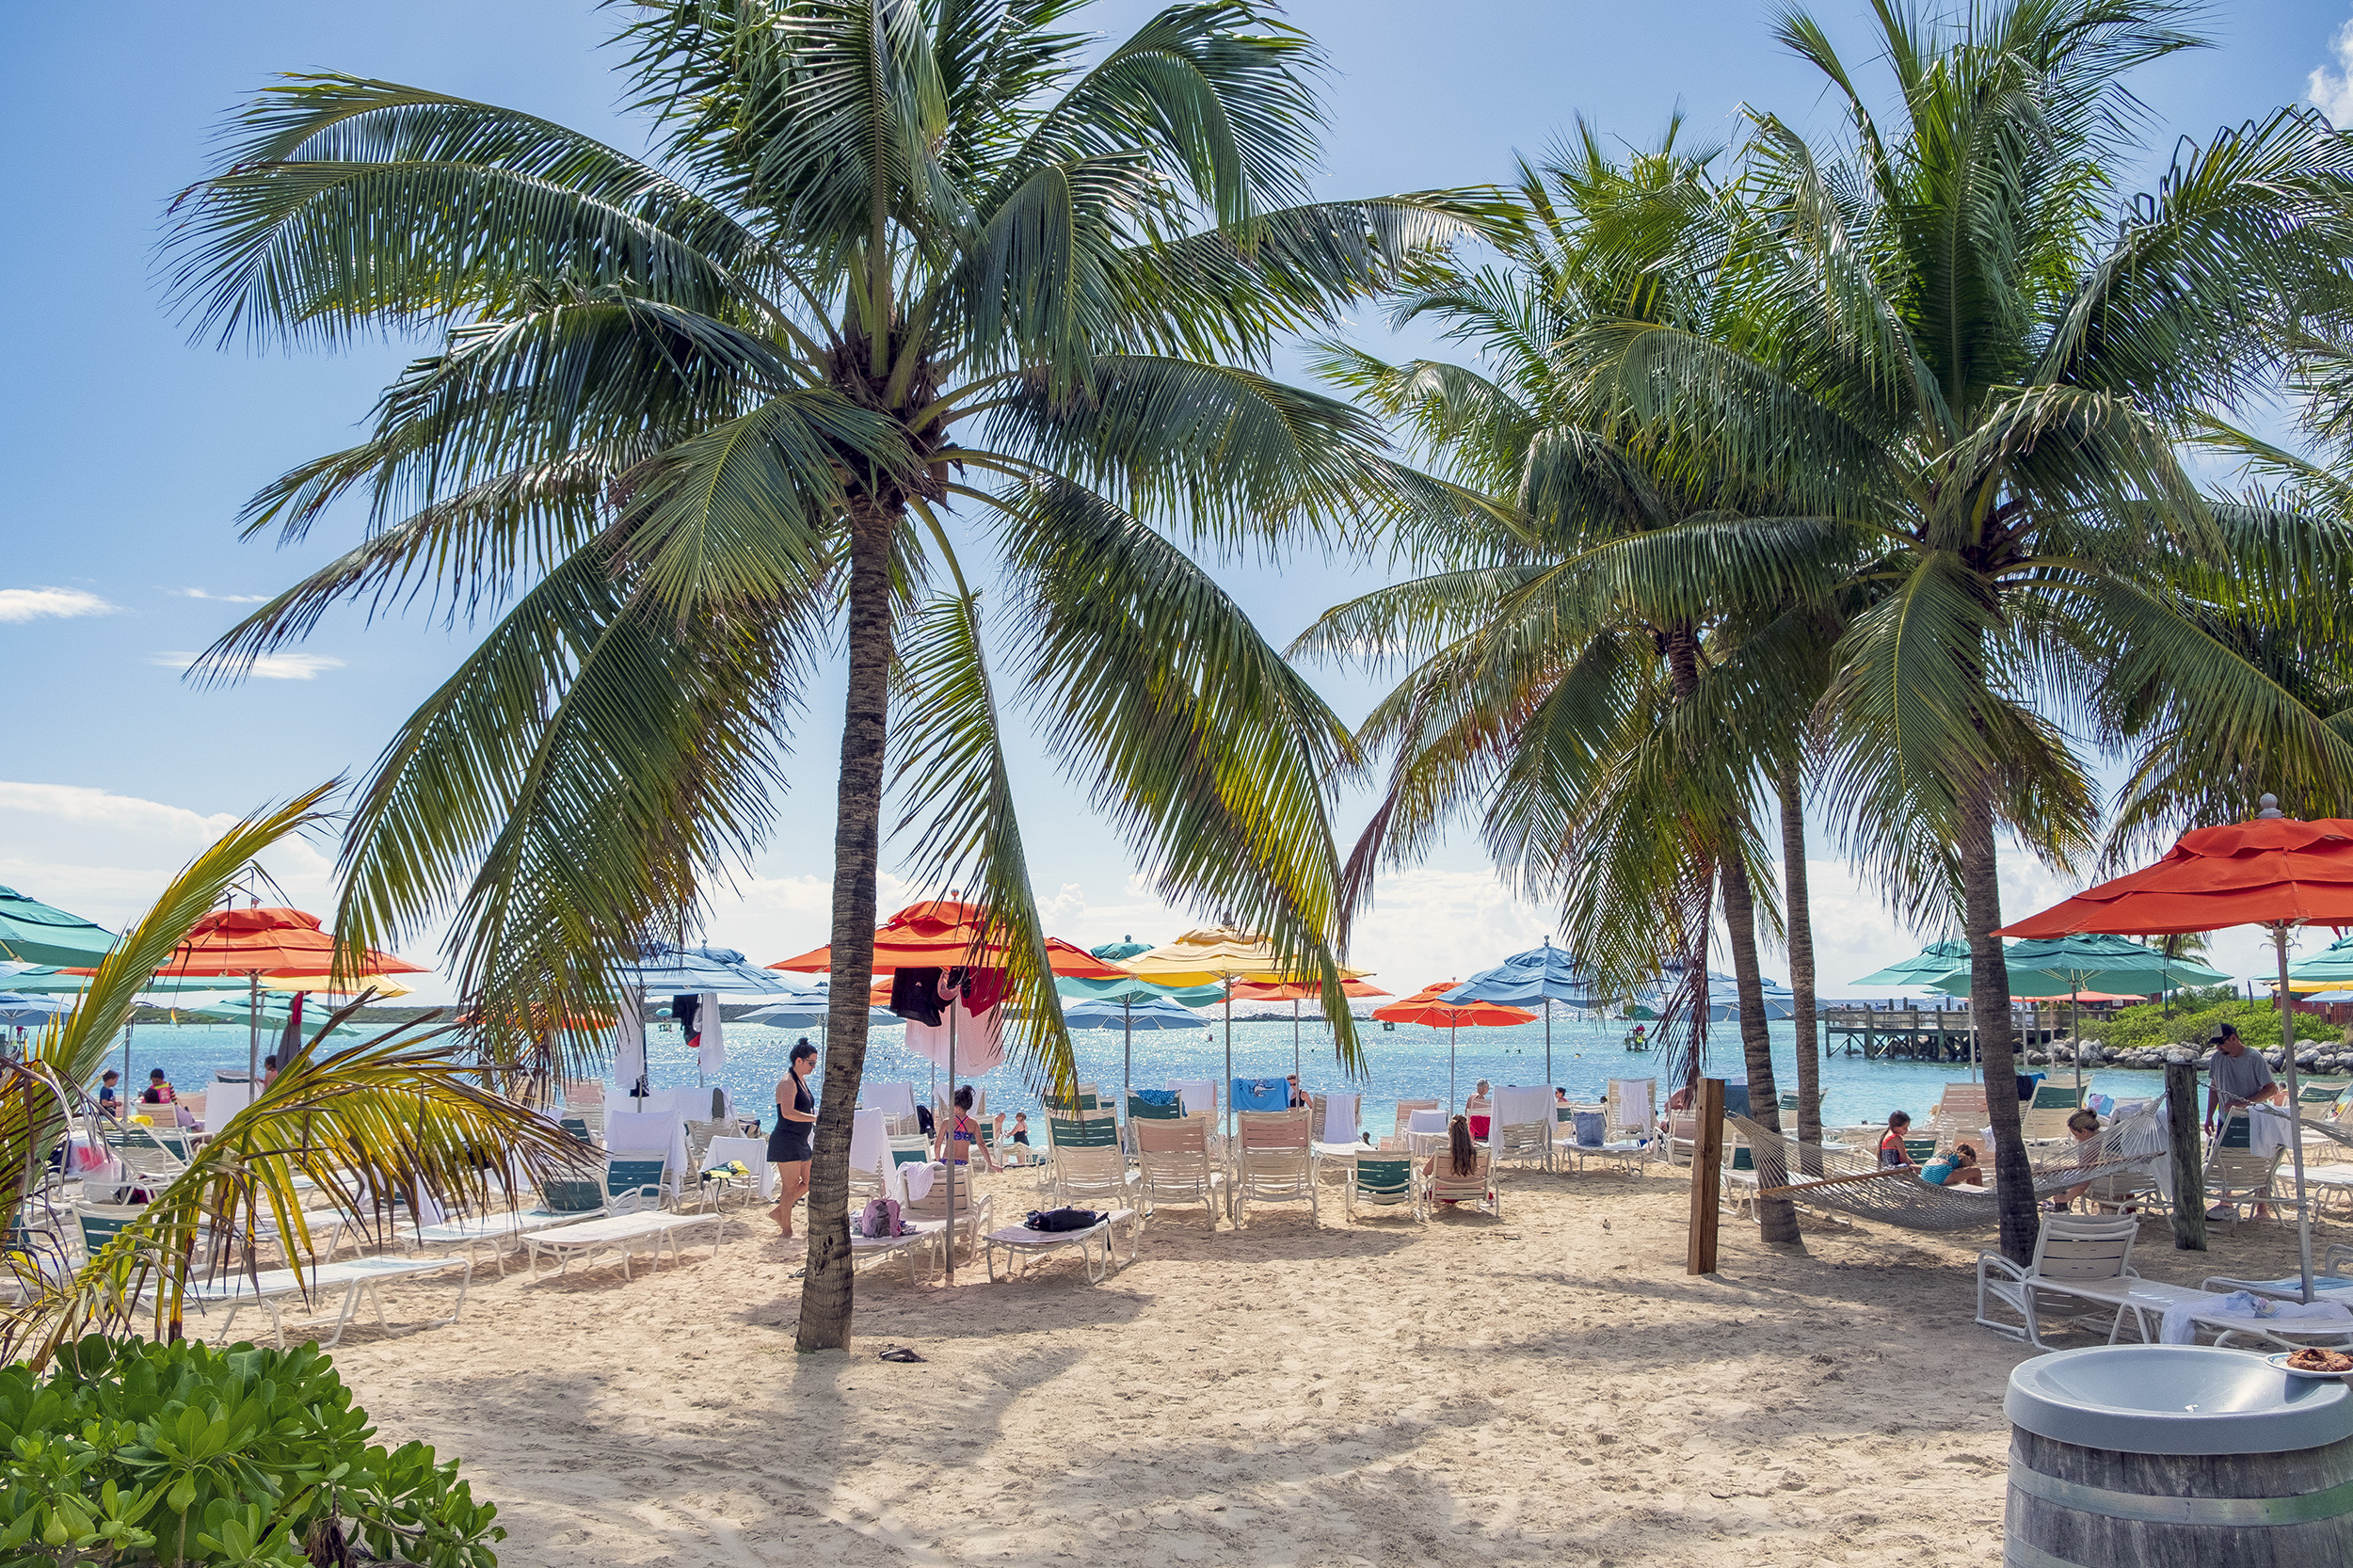 Castaway Cay Bahamas